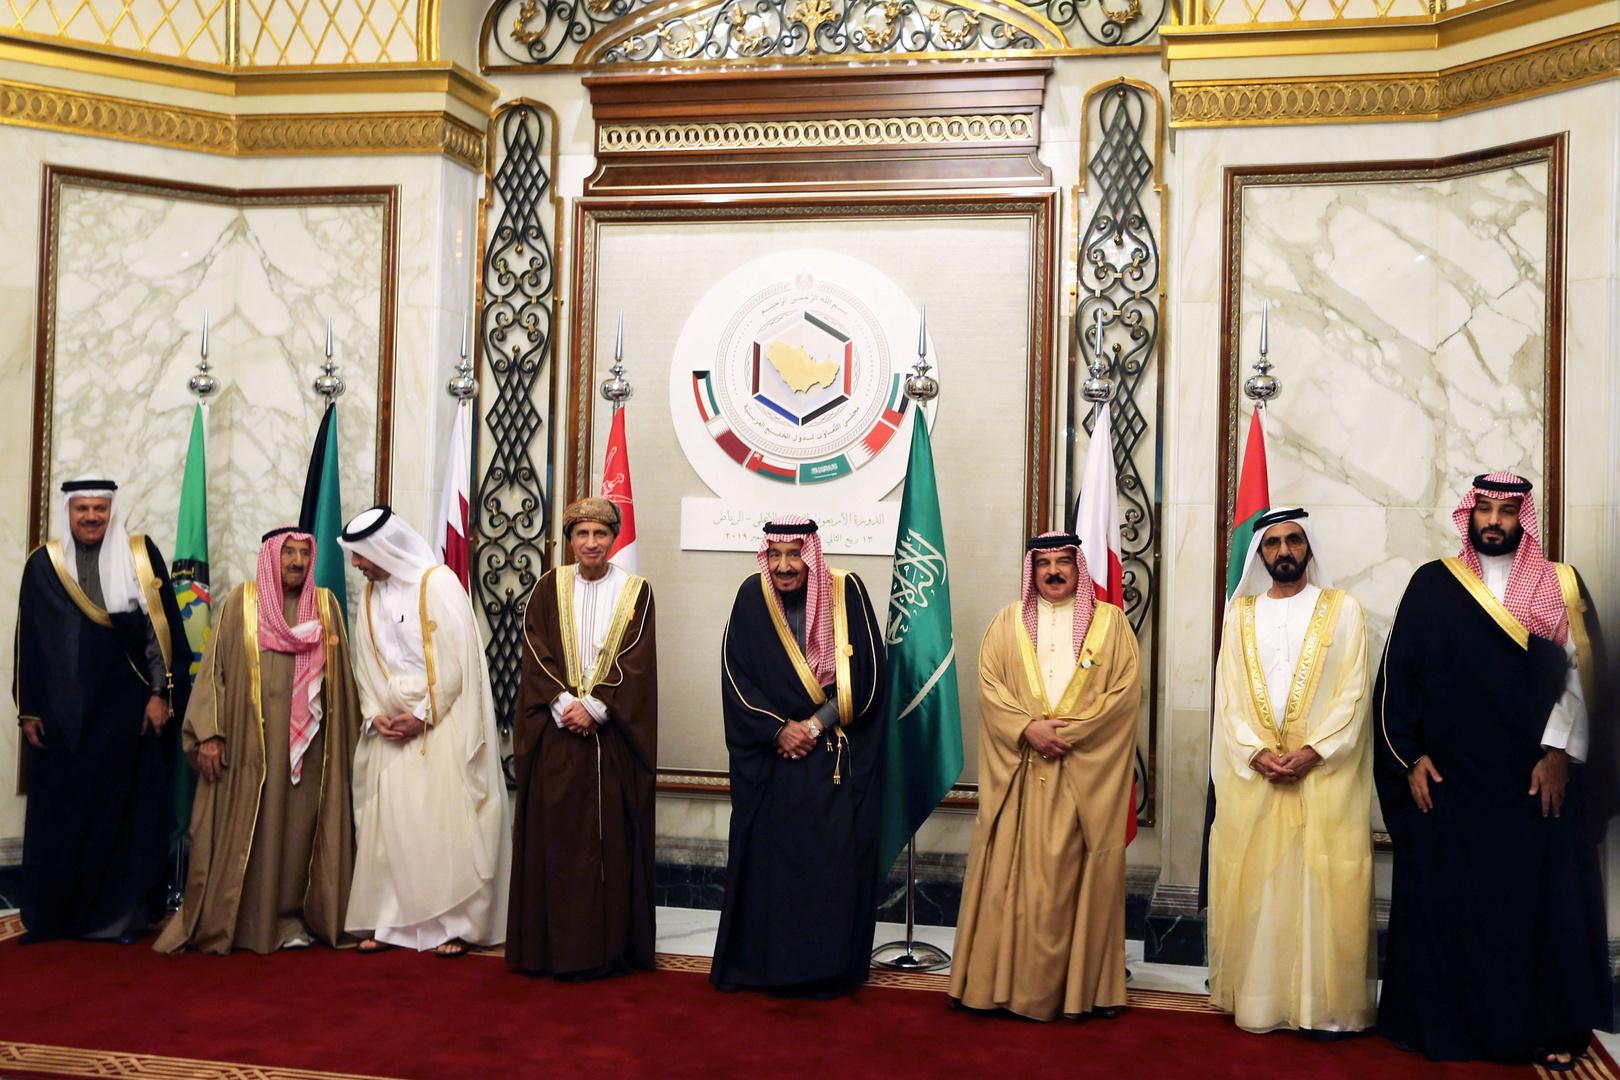 الرياض: من الصعب أن تكون إيران جزءا من منظومة أمنية في المنطقة